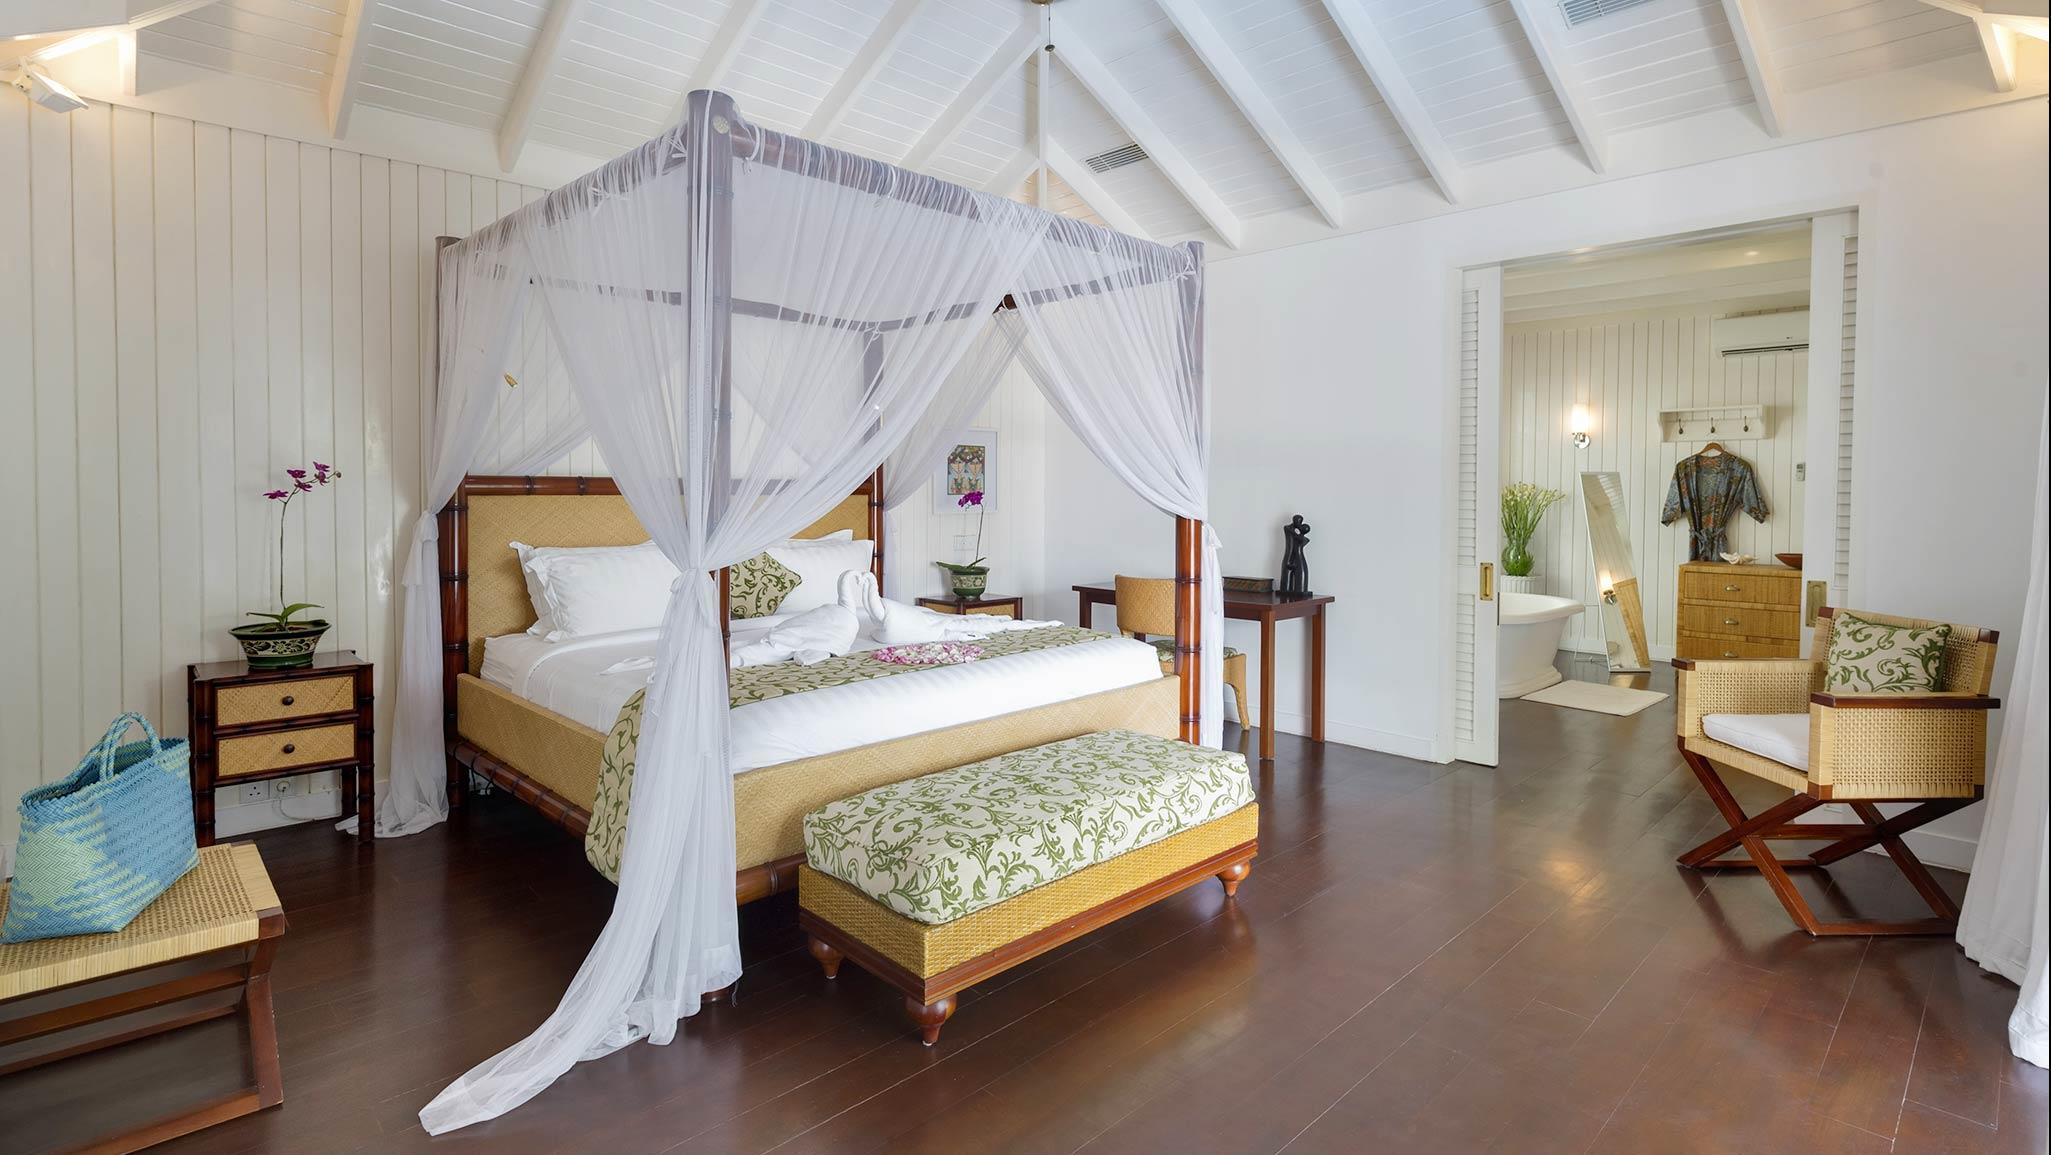 Bedroom with Wooden Floor - Villa Lulito - Seminyak, Bali